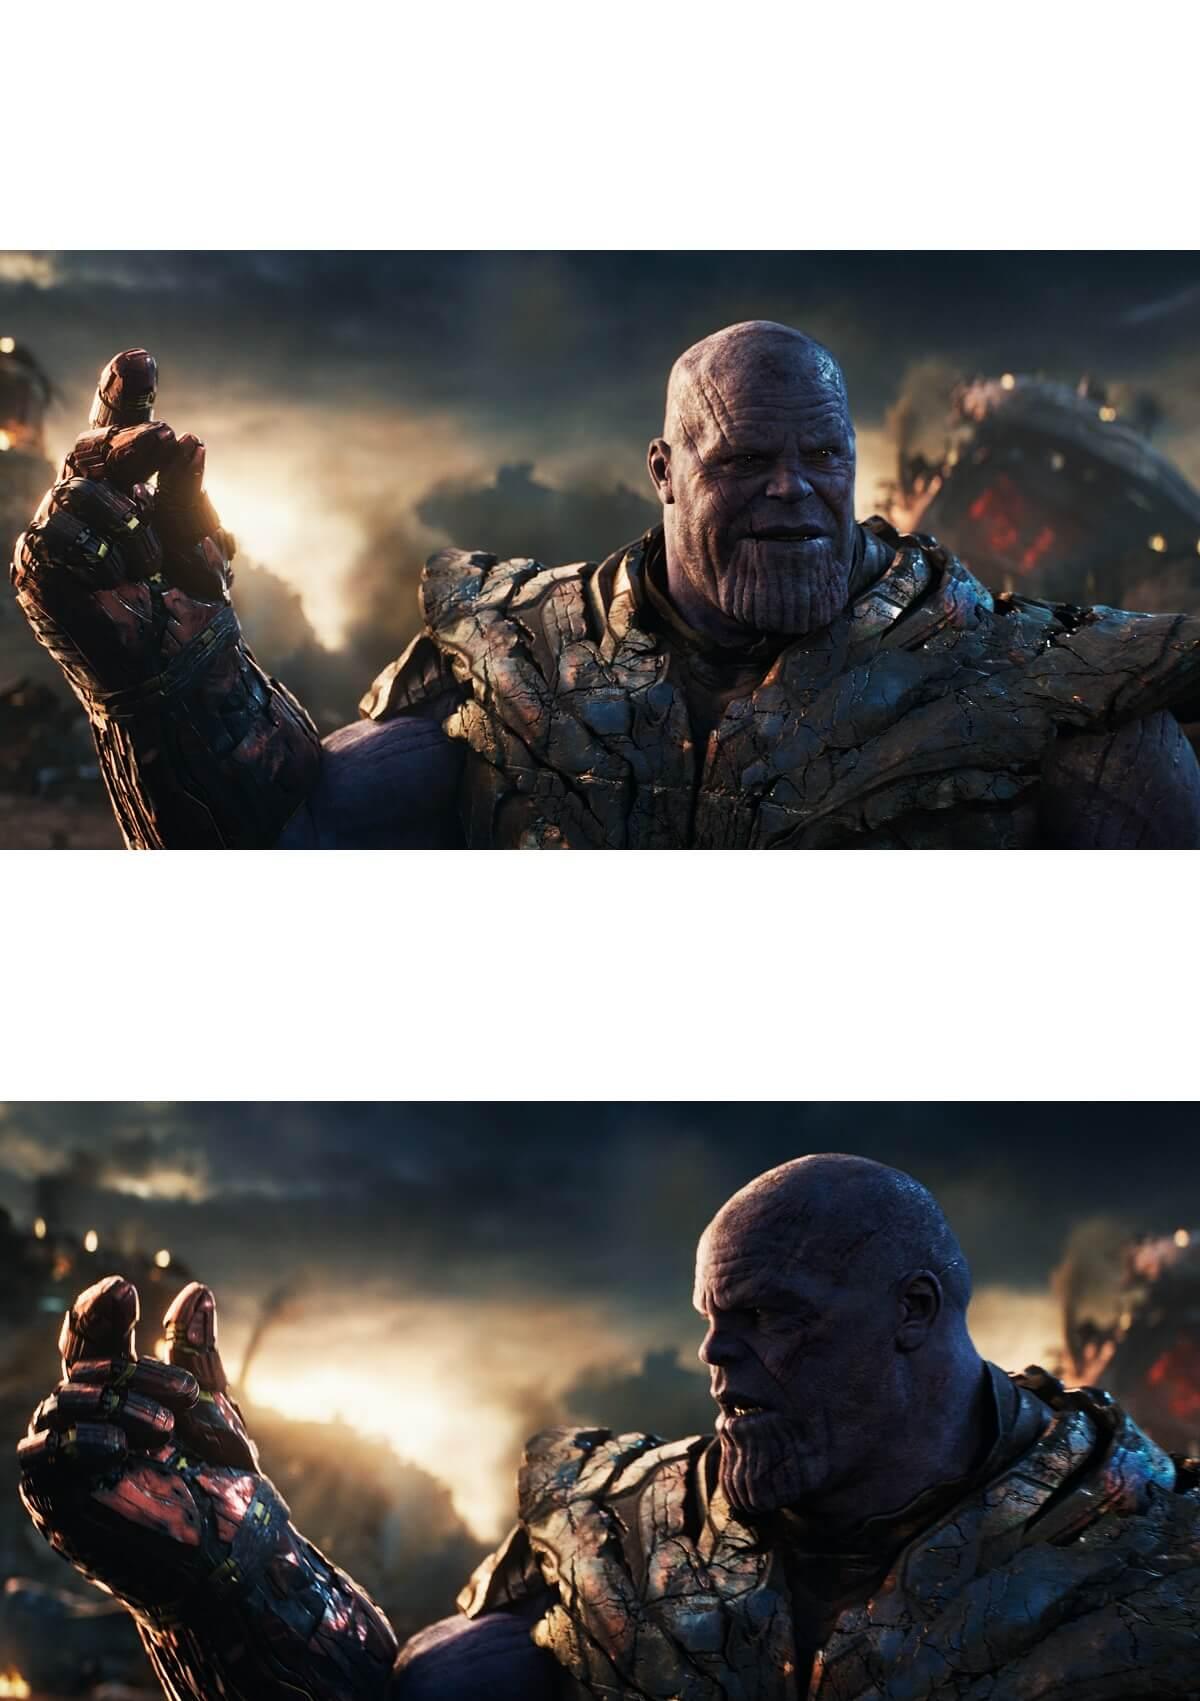 Ir a la pagina de la plantilla Thanos chasqueando los dedos y falla.